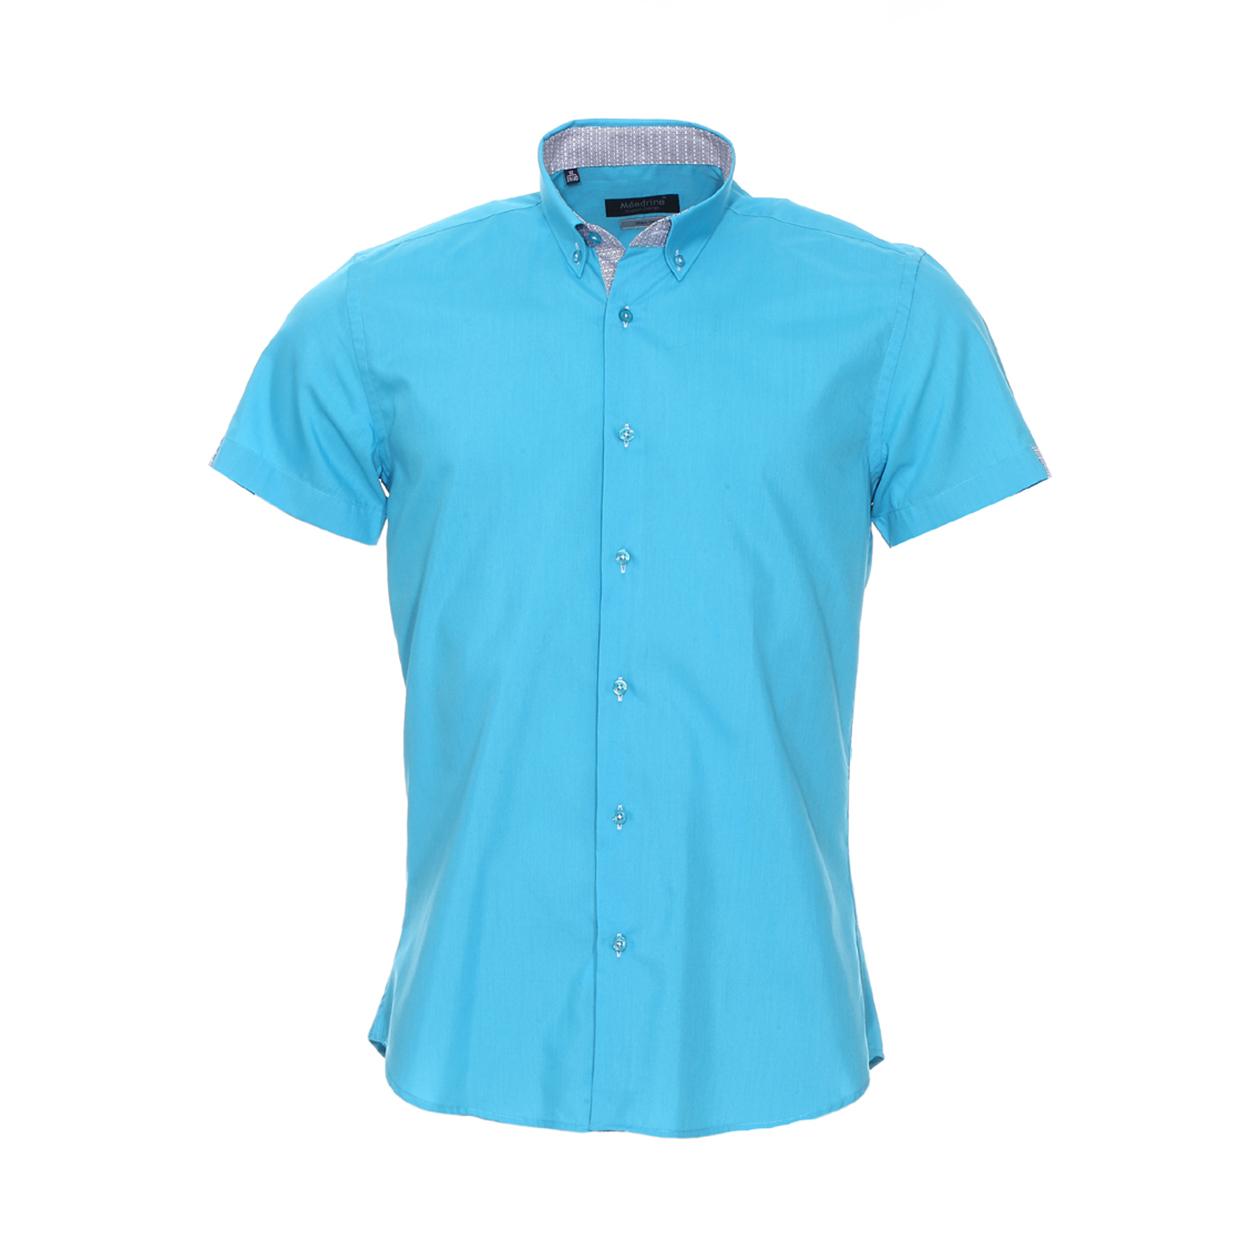 Chemise cintrée manches courtes  en coton turquoise à opposition blanc à motifs fantaisie noirs